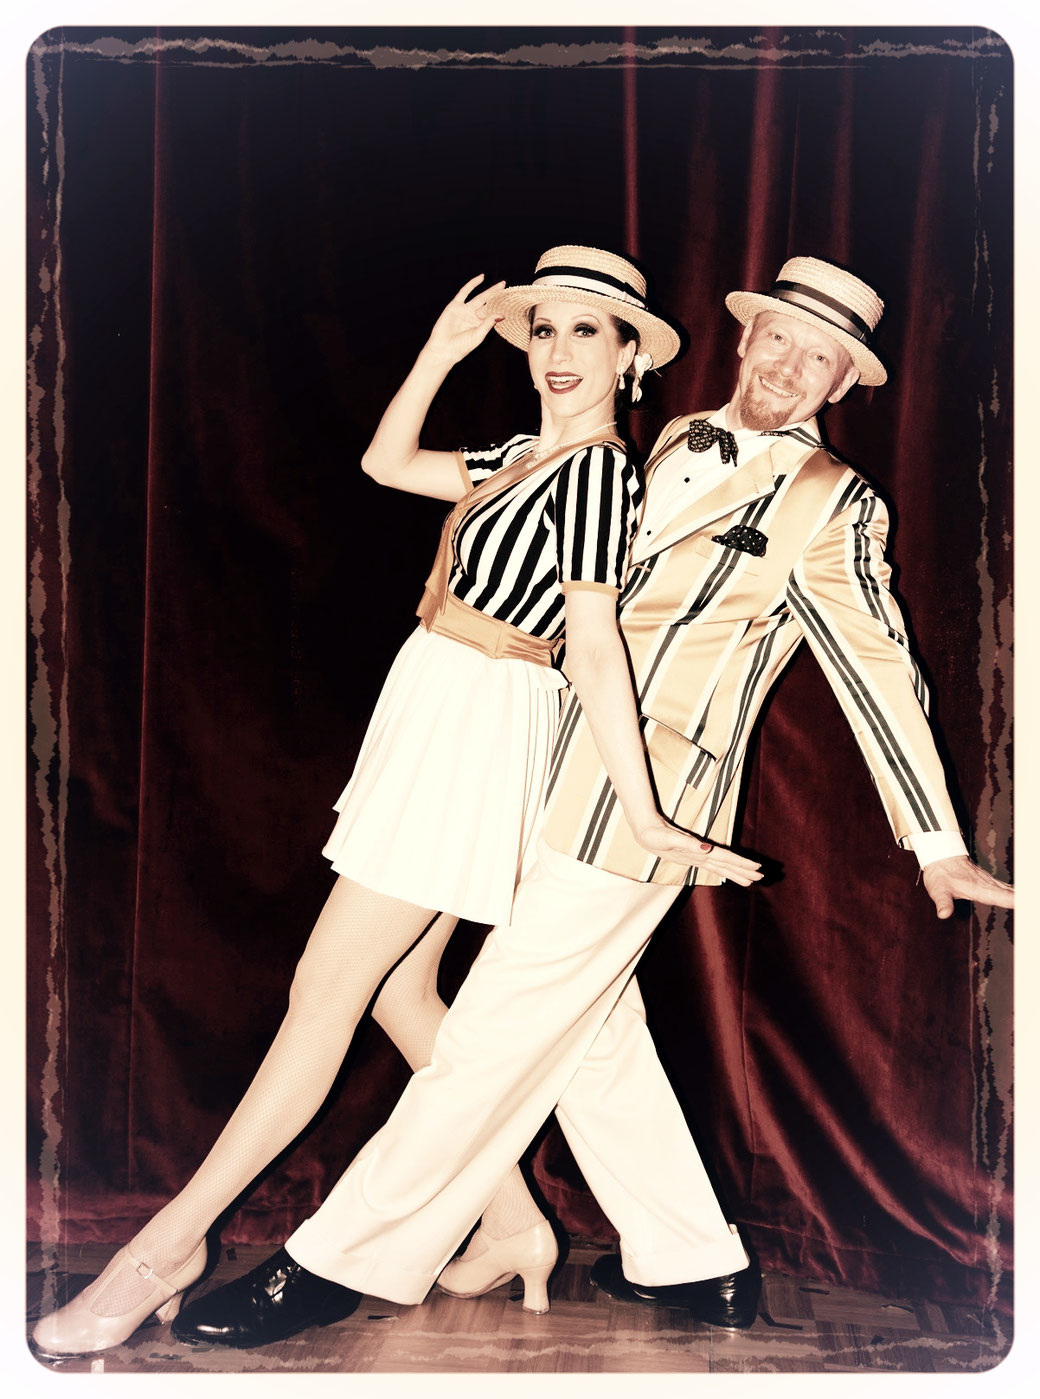 """Dixie Dynamite mit ihrem 1920er Jahre-Vaudeville-Style Duopartner Joe Flyingshoe Johnson. Ihr Paradestück """"'Ballin' The Jack"""" mit Step- / Vaudeville-Tanz und Gesang!"""